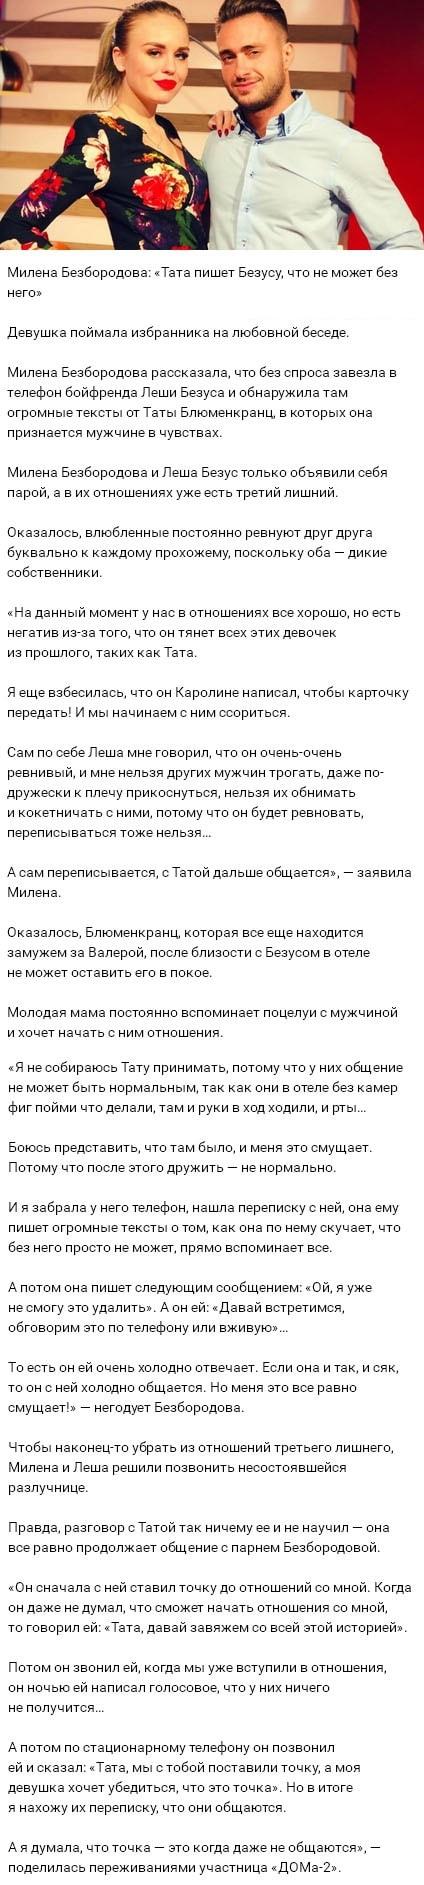 Новая пассия Алексея Безуса обнародовала его переписку с Татой Абрамсон